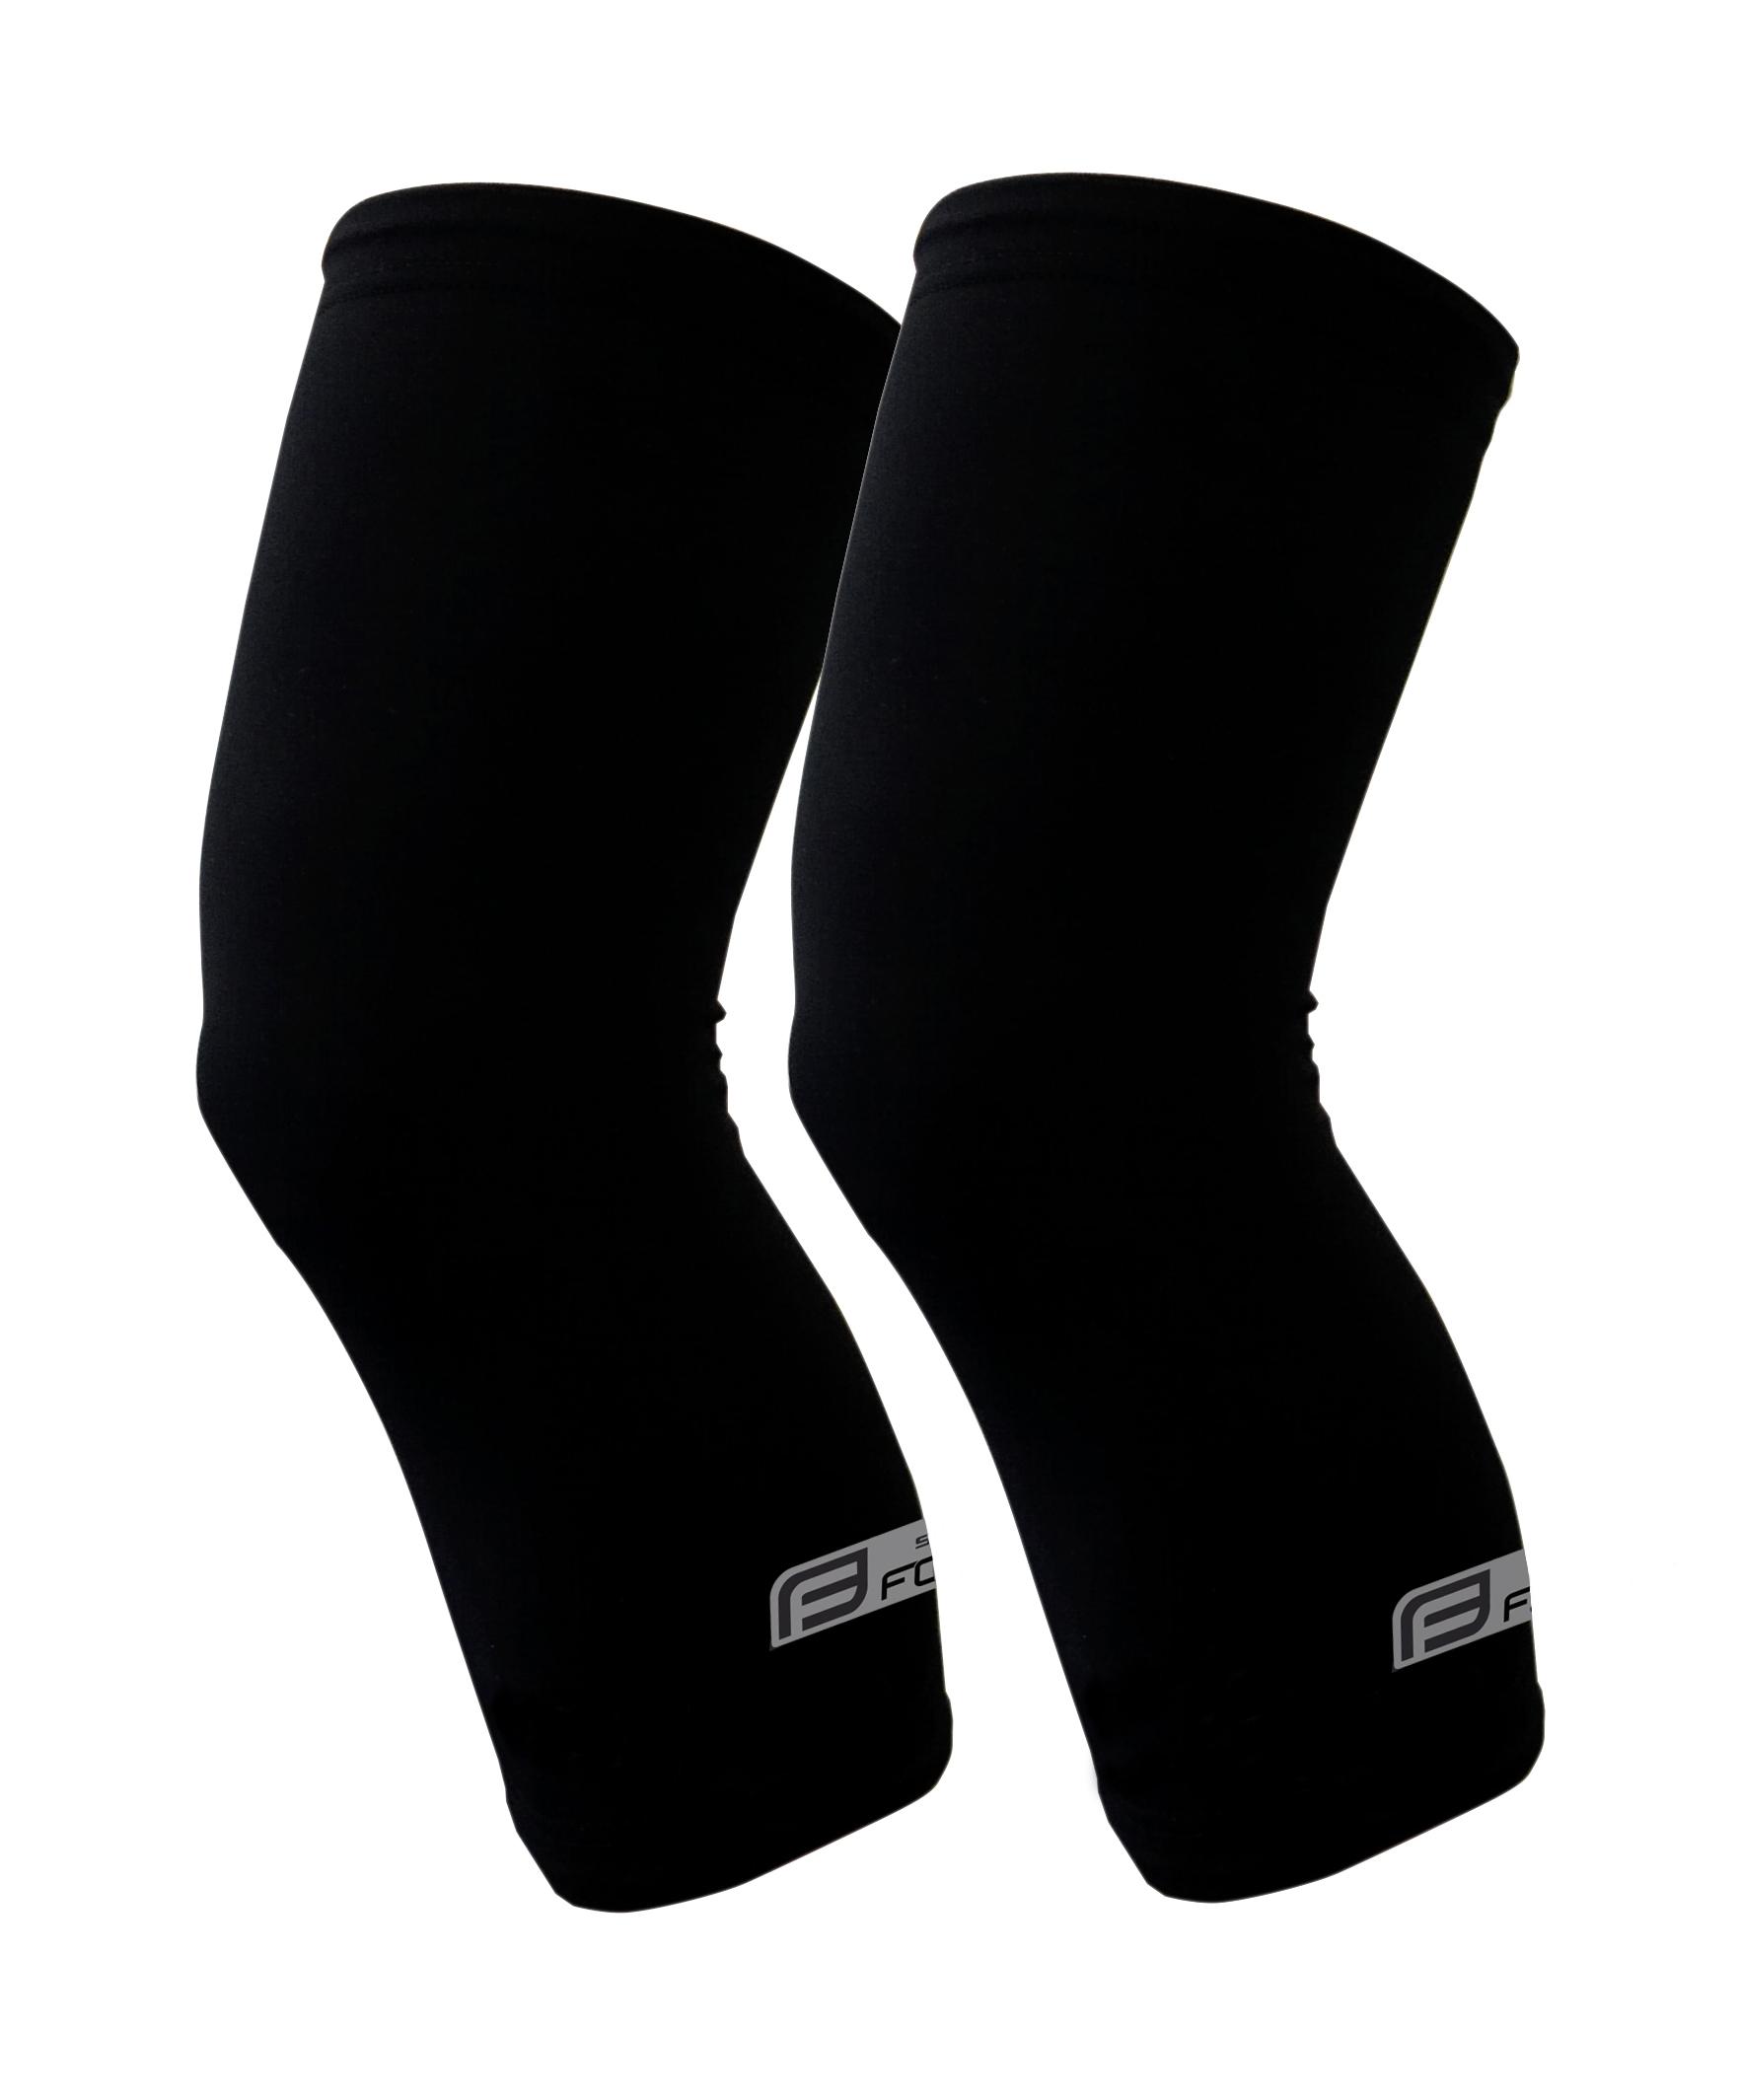 návleky na kolena FORCE RACE, lepené, černé